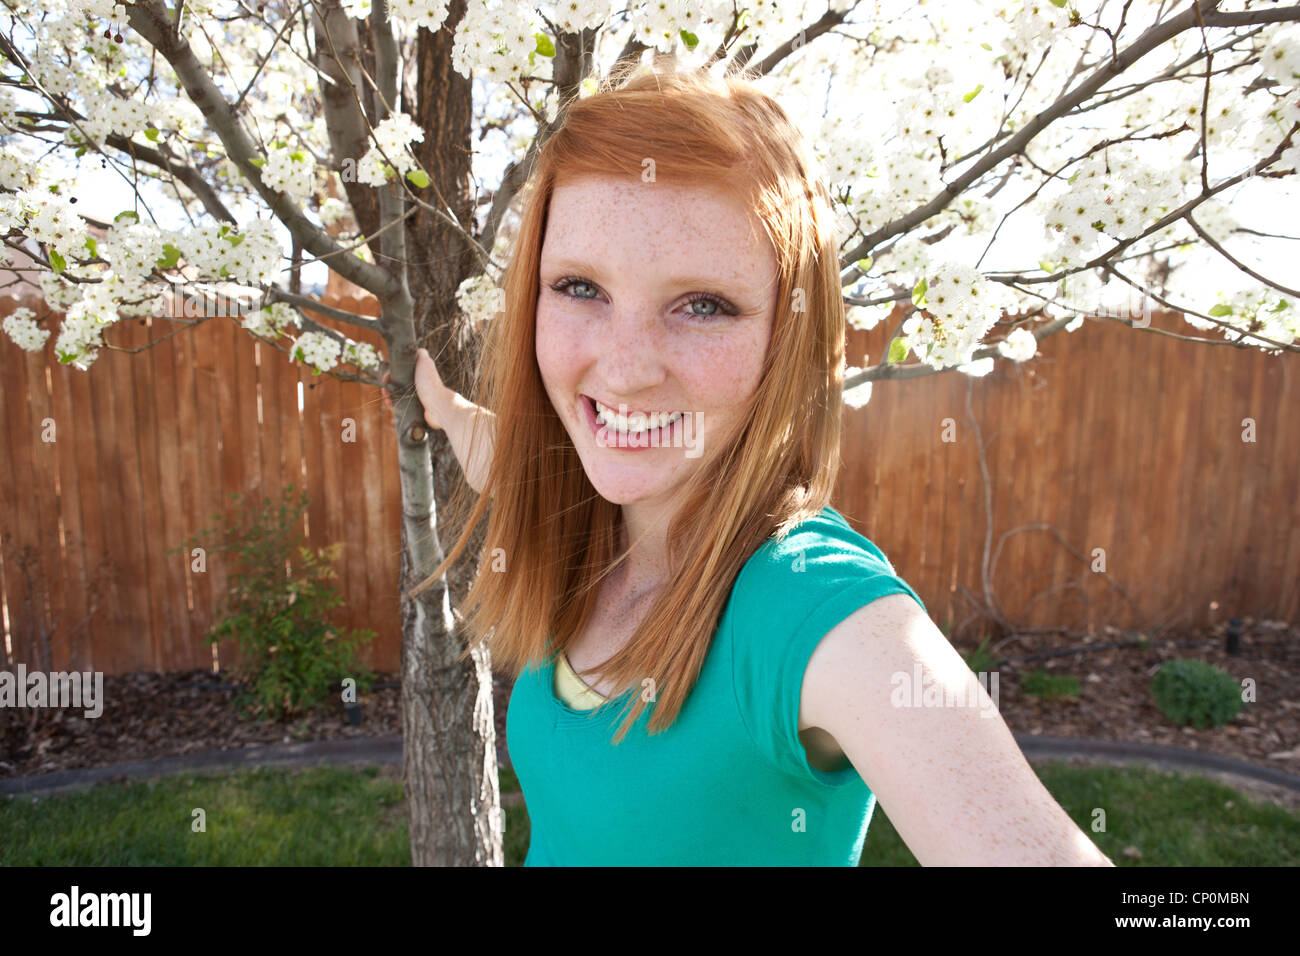 Quince años chica sonriente y sosteniendo a white Pear Tree están floreciendo. Imagen De Stock